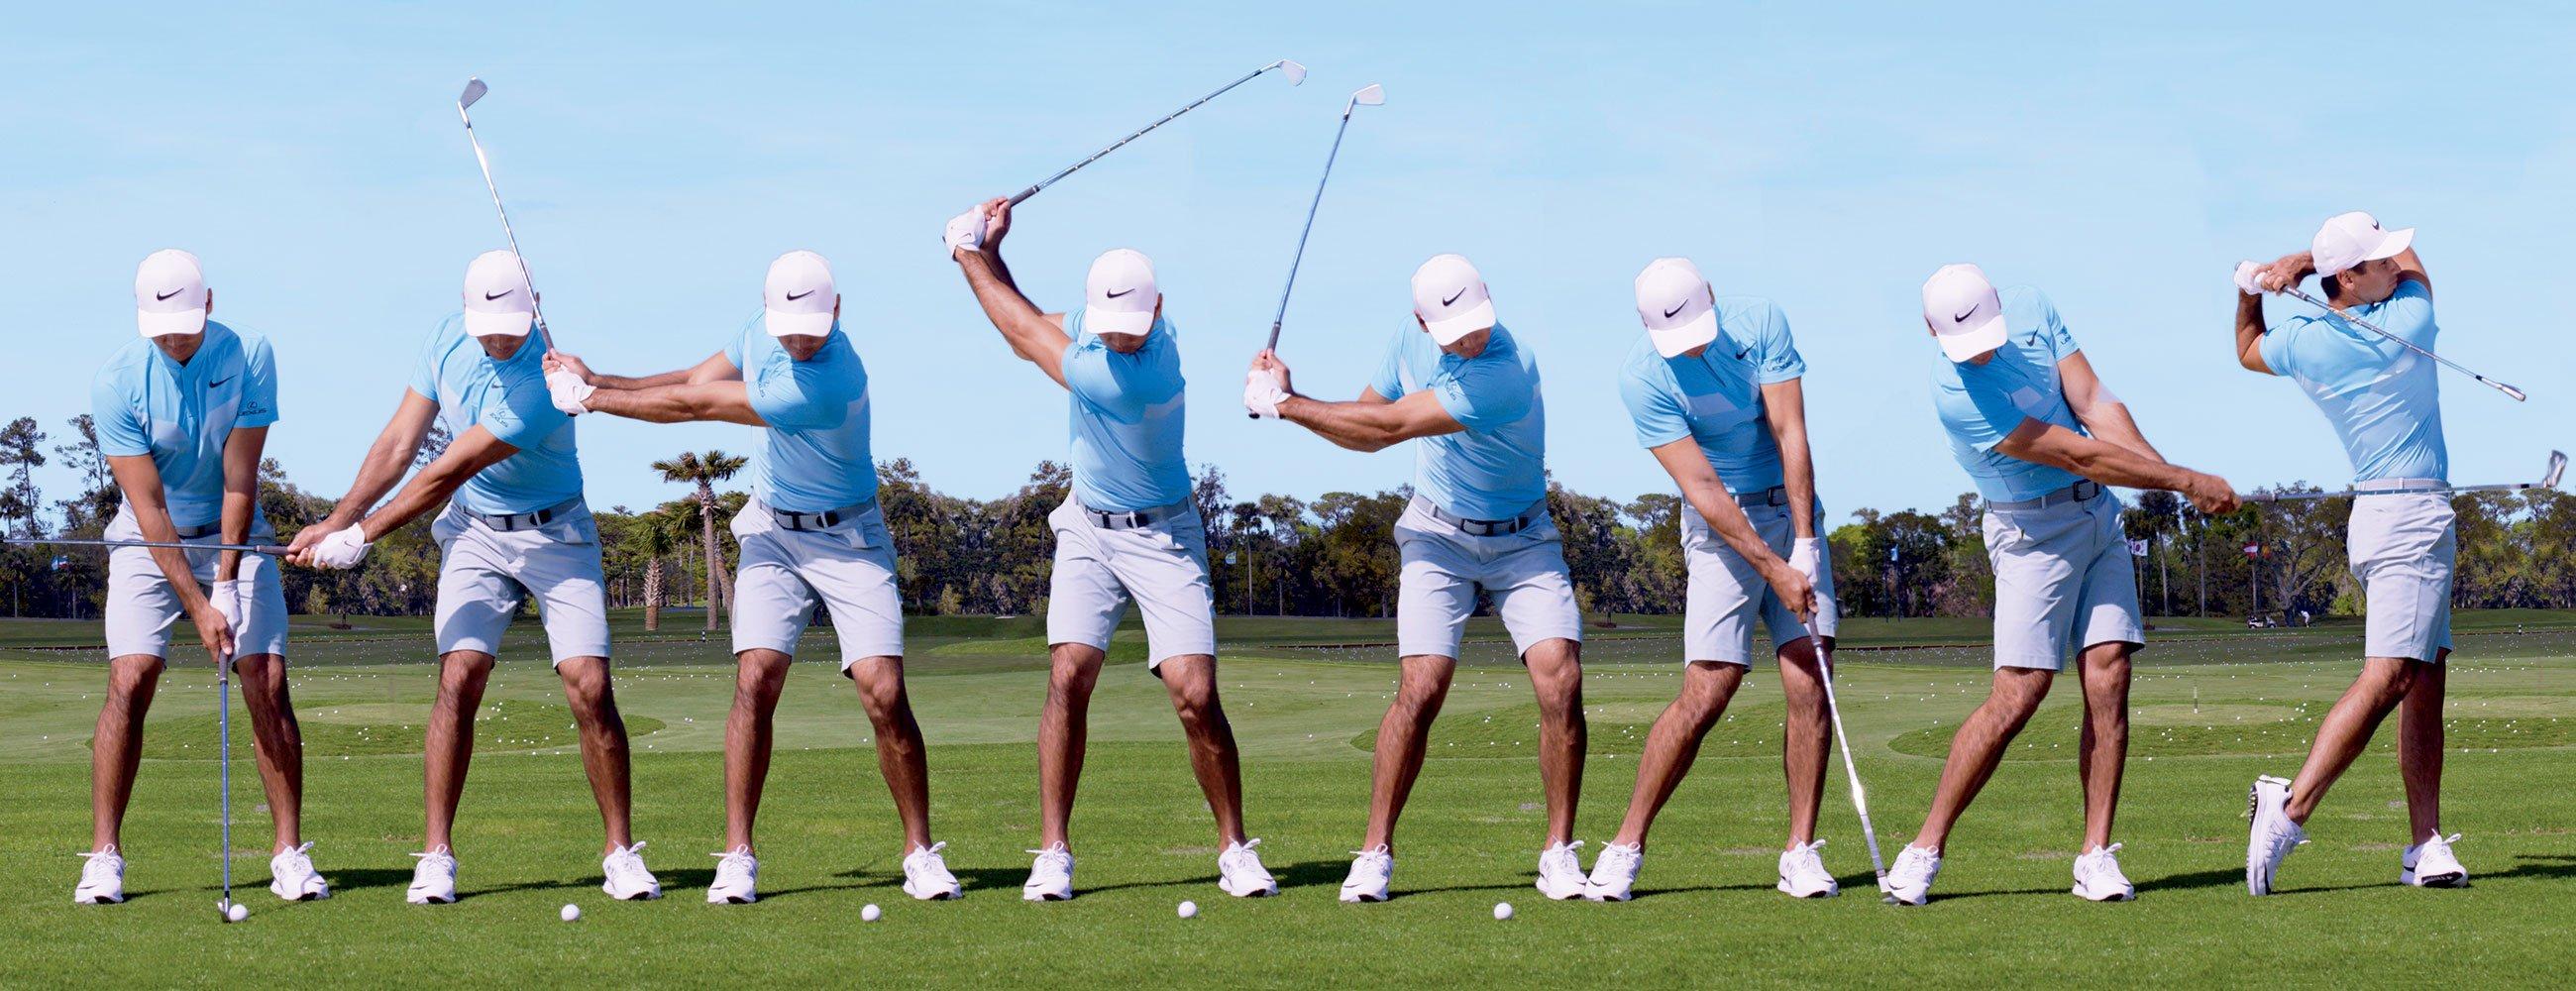 Simplifica tu swing al máximo.